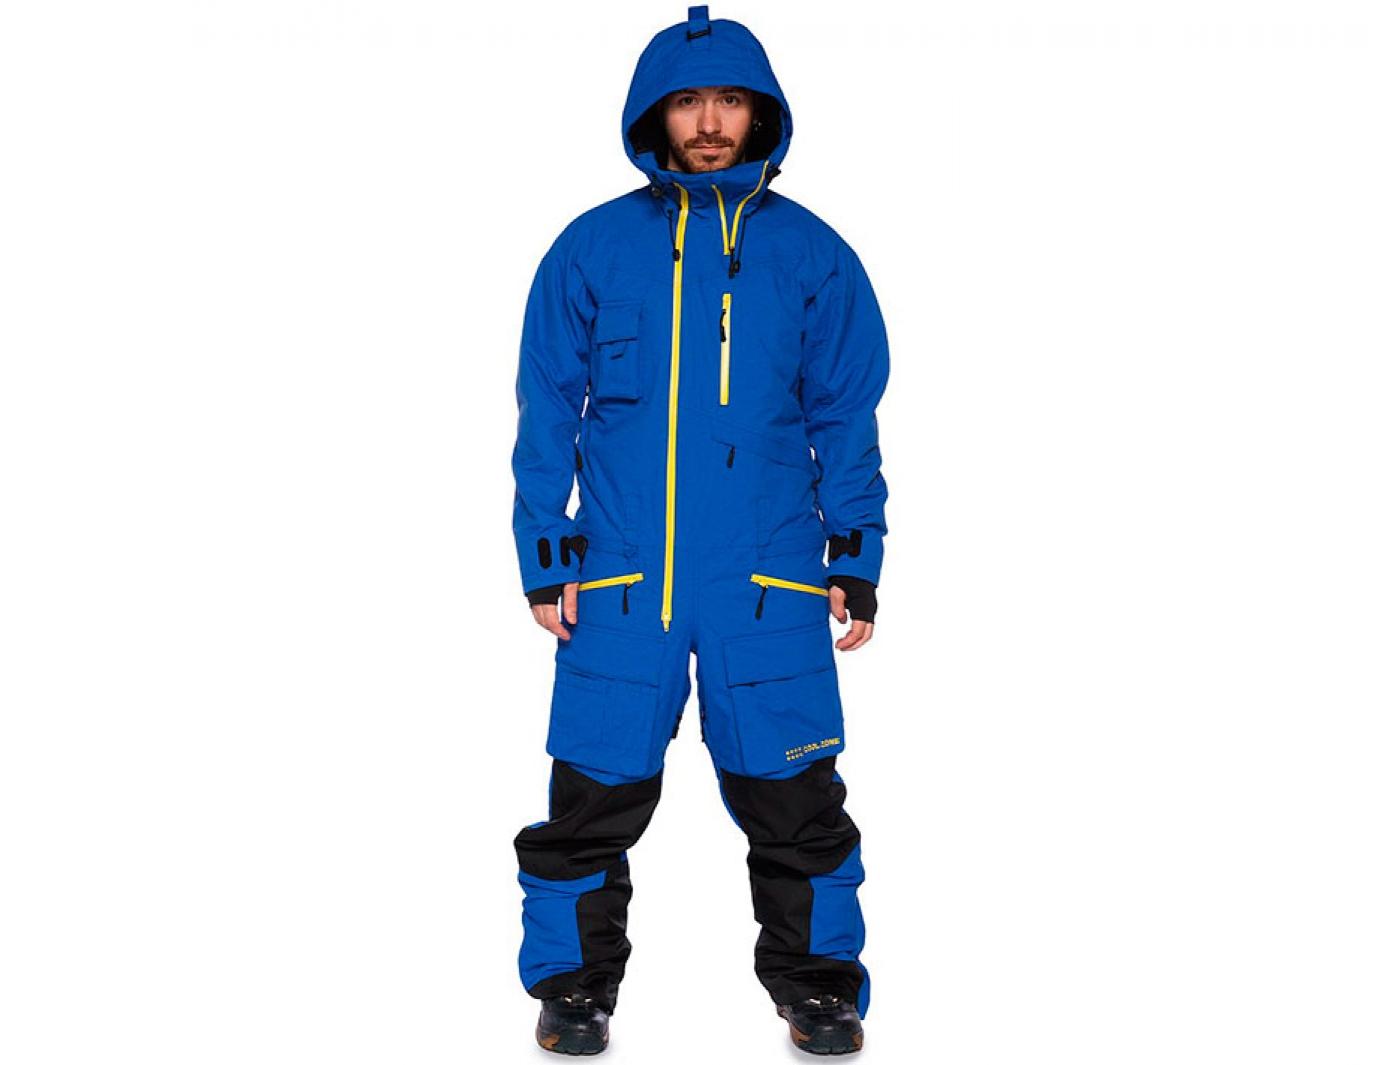 комбинезон cool zone snowmobile 4018 синий (2018)